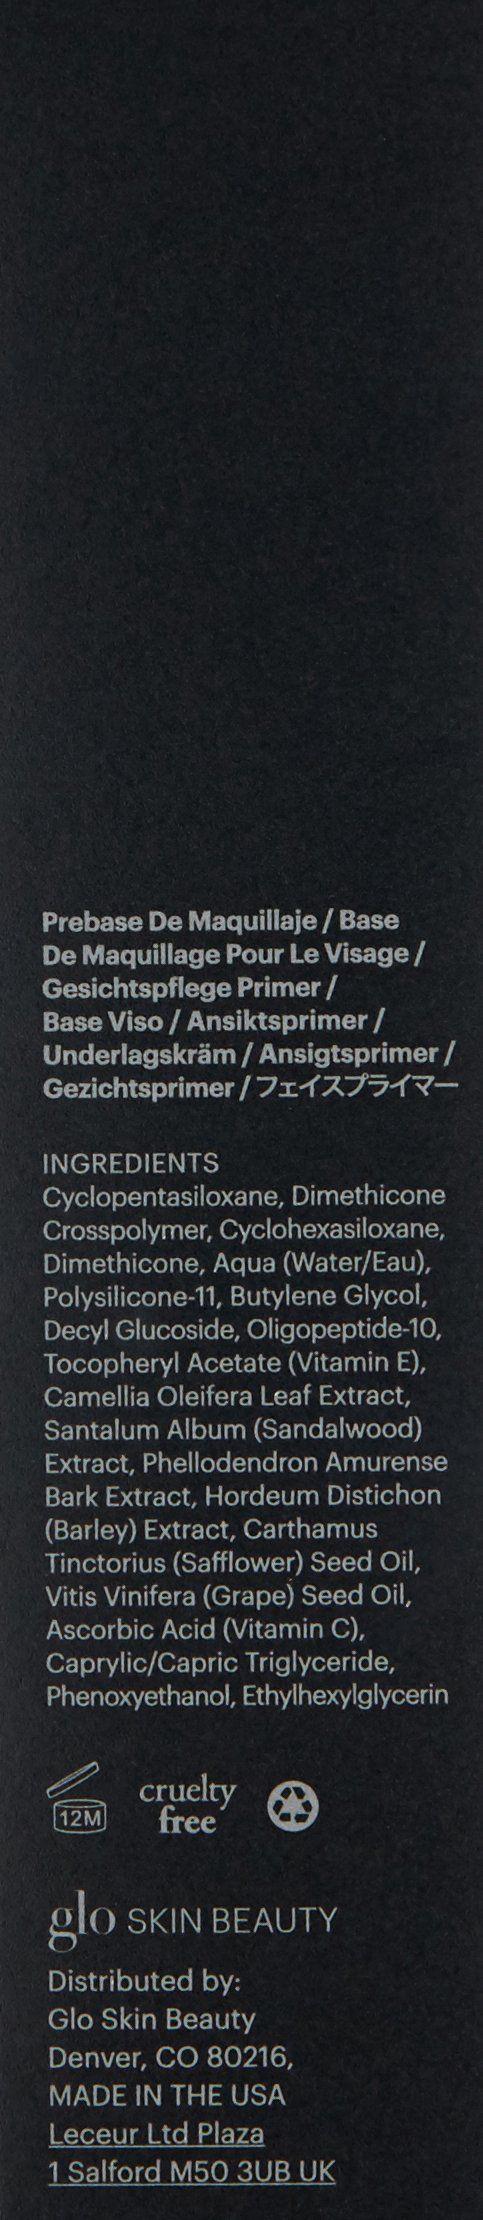 Glo Skin Beauty Face Primer Mineral Makeup Primer 1 fl. oz